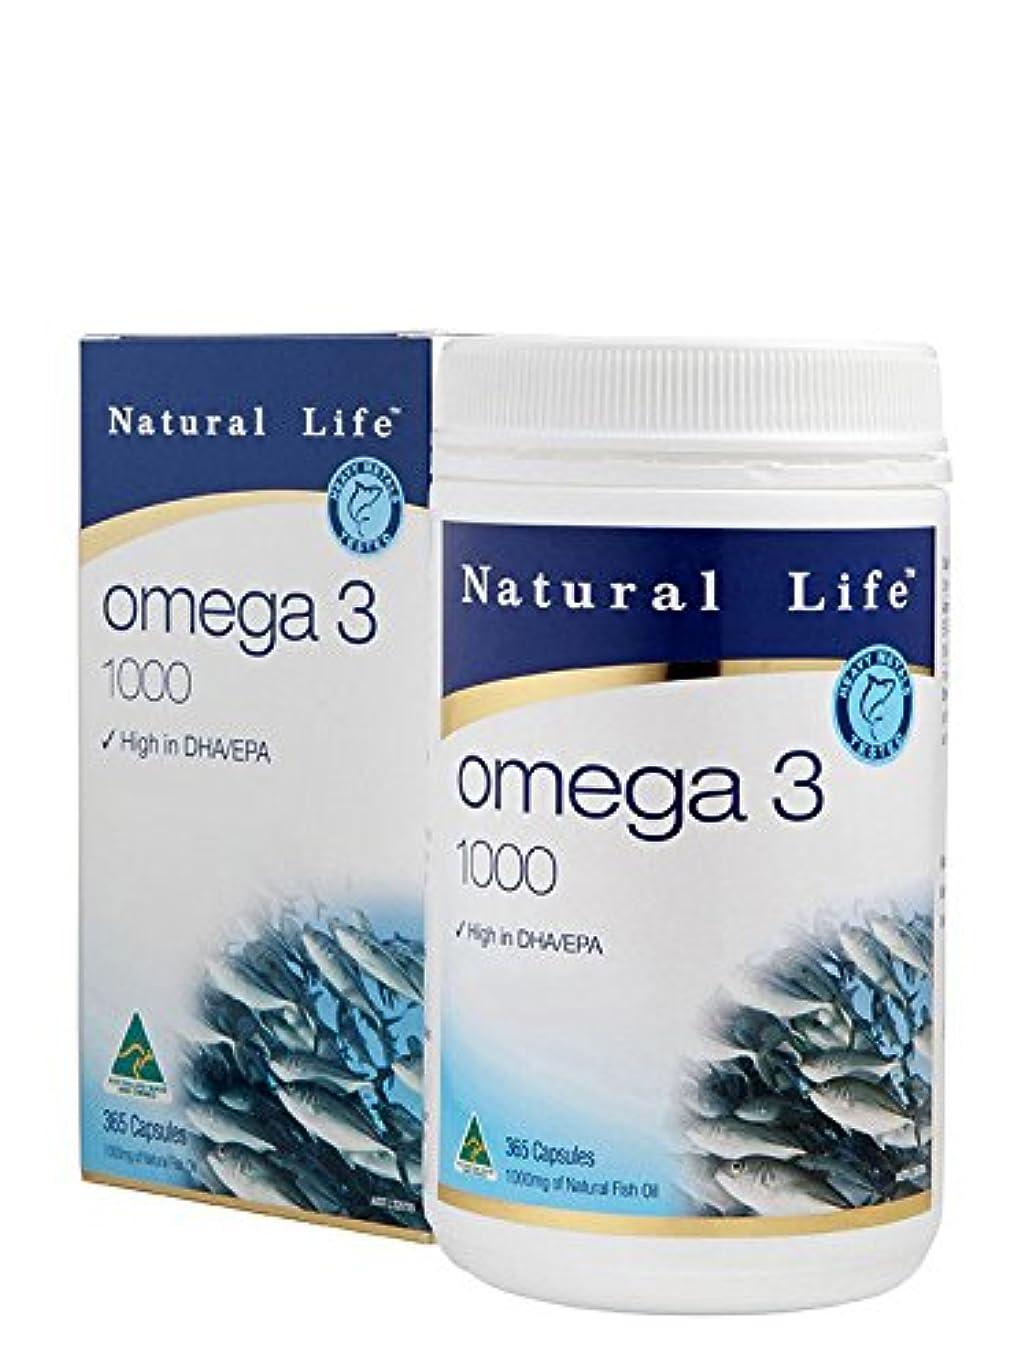 整然とした法的篭オメガ3 1000mg 大容量365粒 国内正規品 EPA180mg+DHA120mg ナチュラルライフ